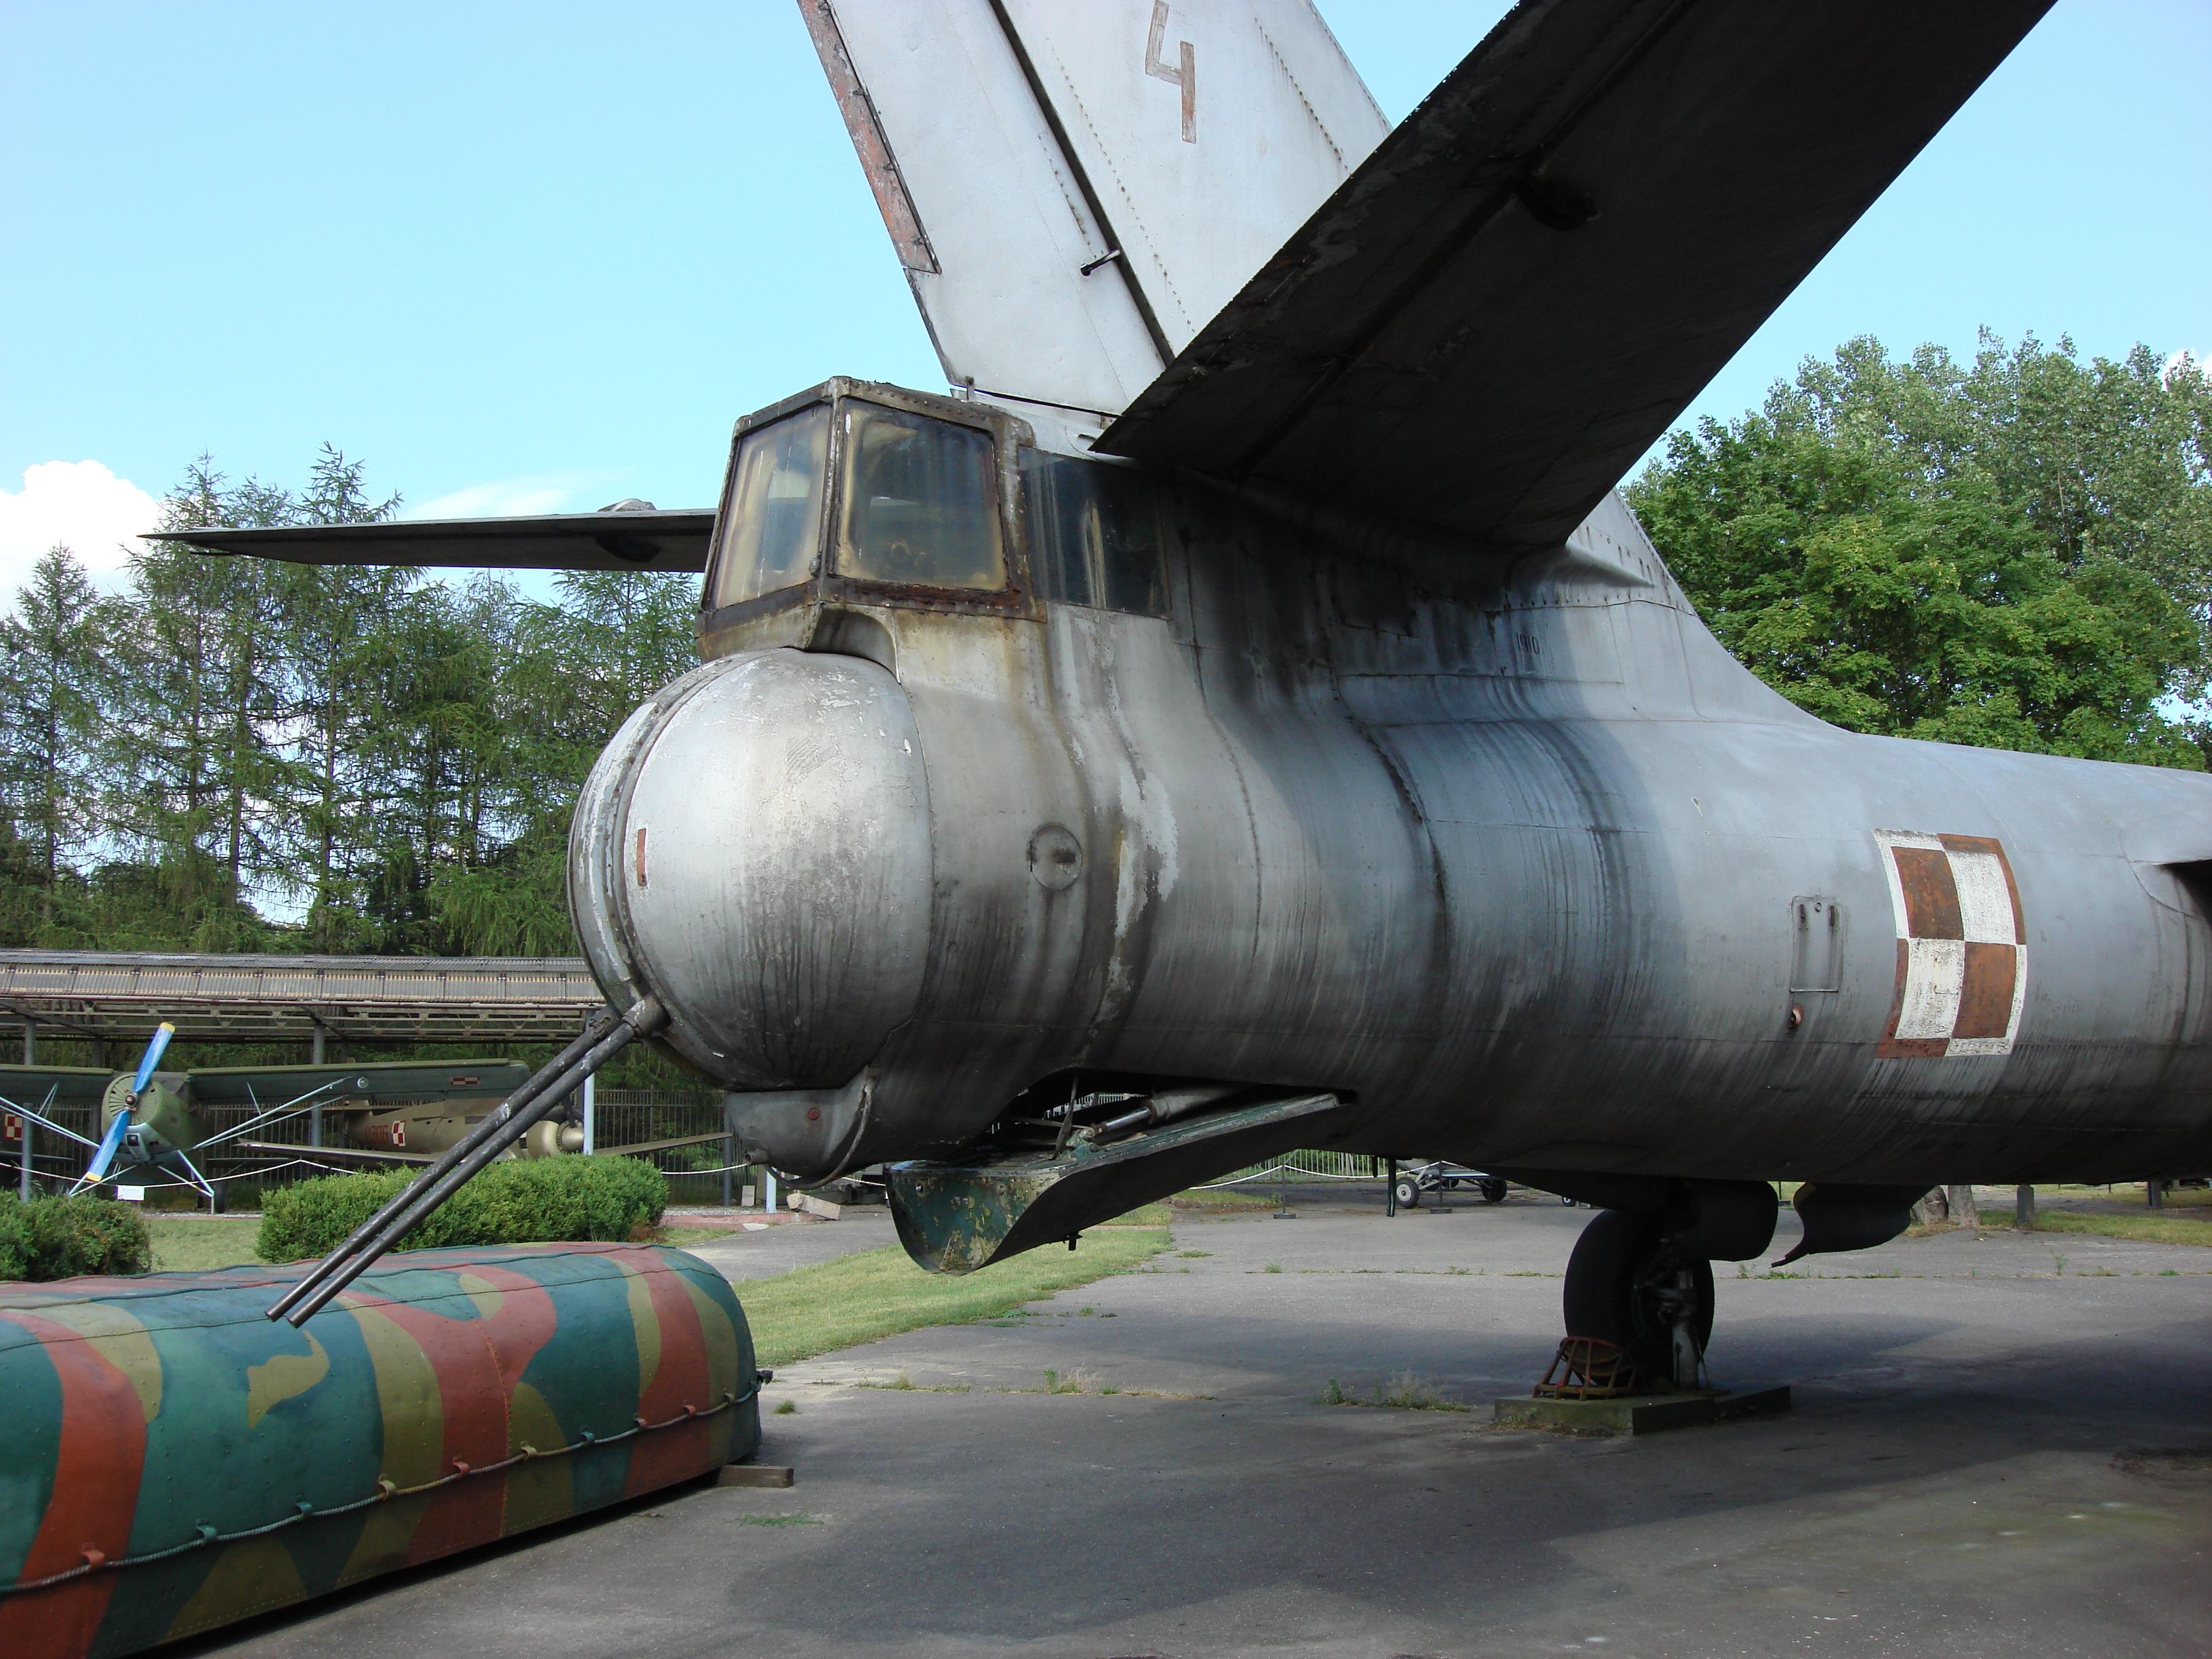 Ił-28 nb 4. Wieżyczka strzelecka. 2007 rok. Zdjęcie Karol Placha Hetman